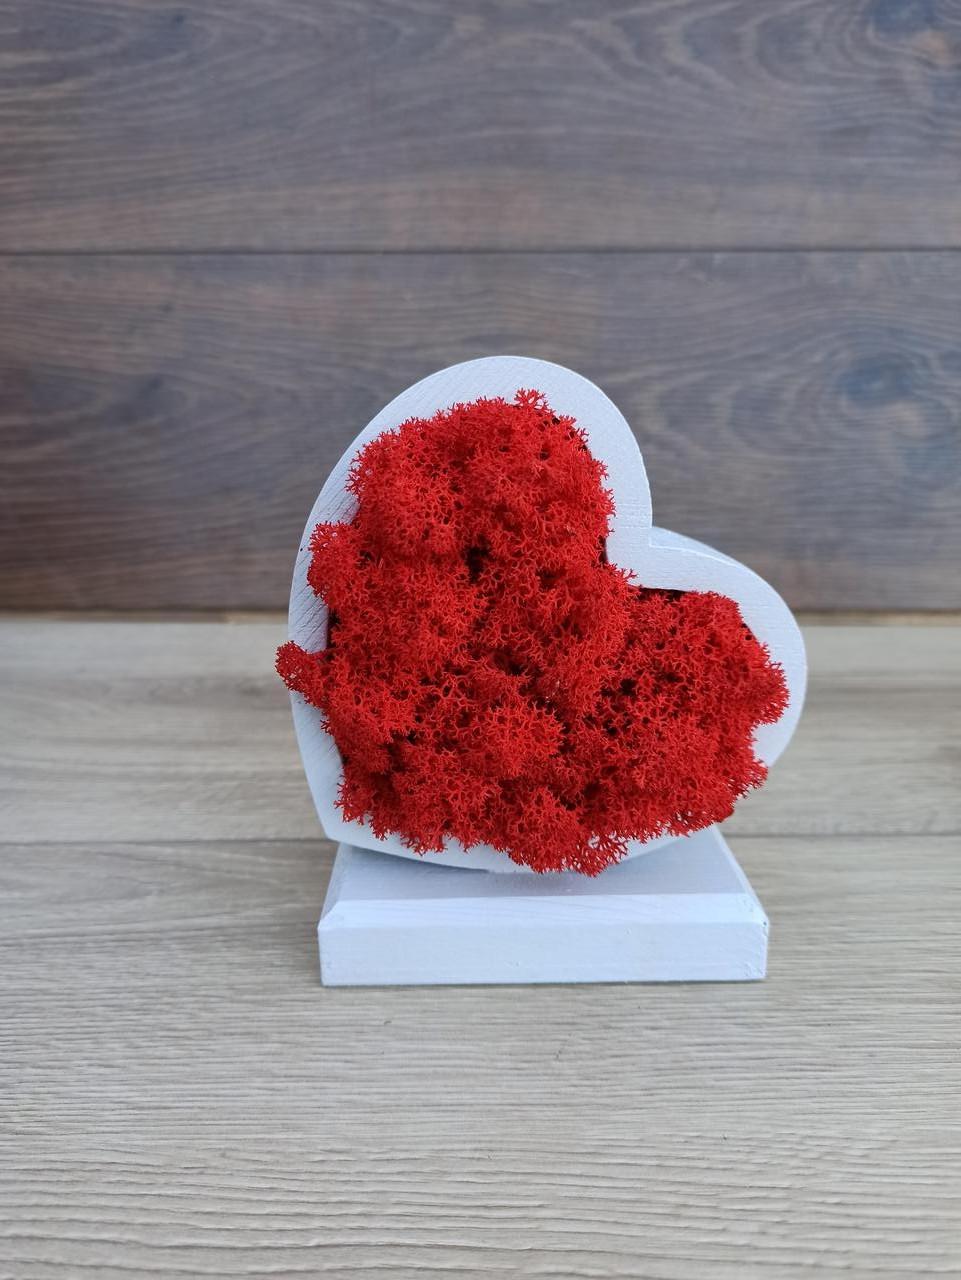 Серце з дерева з червоним  мохом ягель - подарунок до дня Валентина